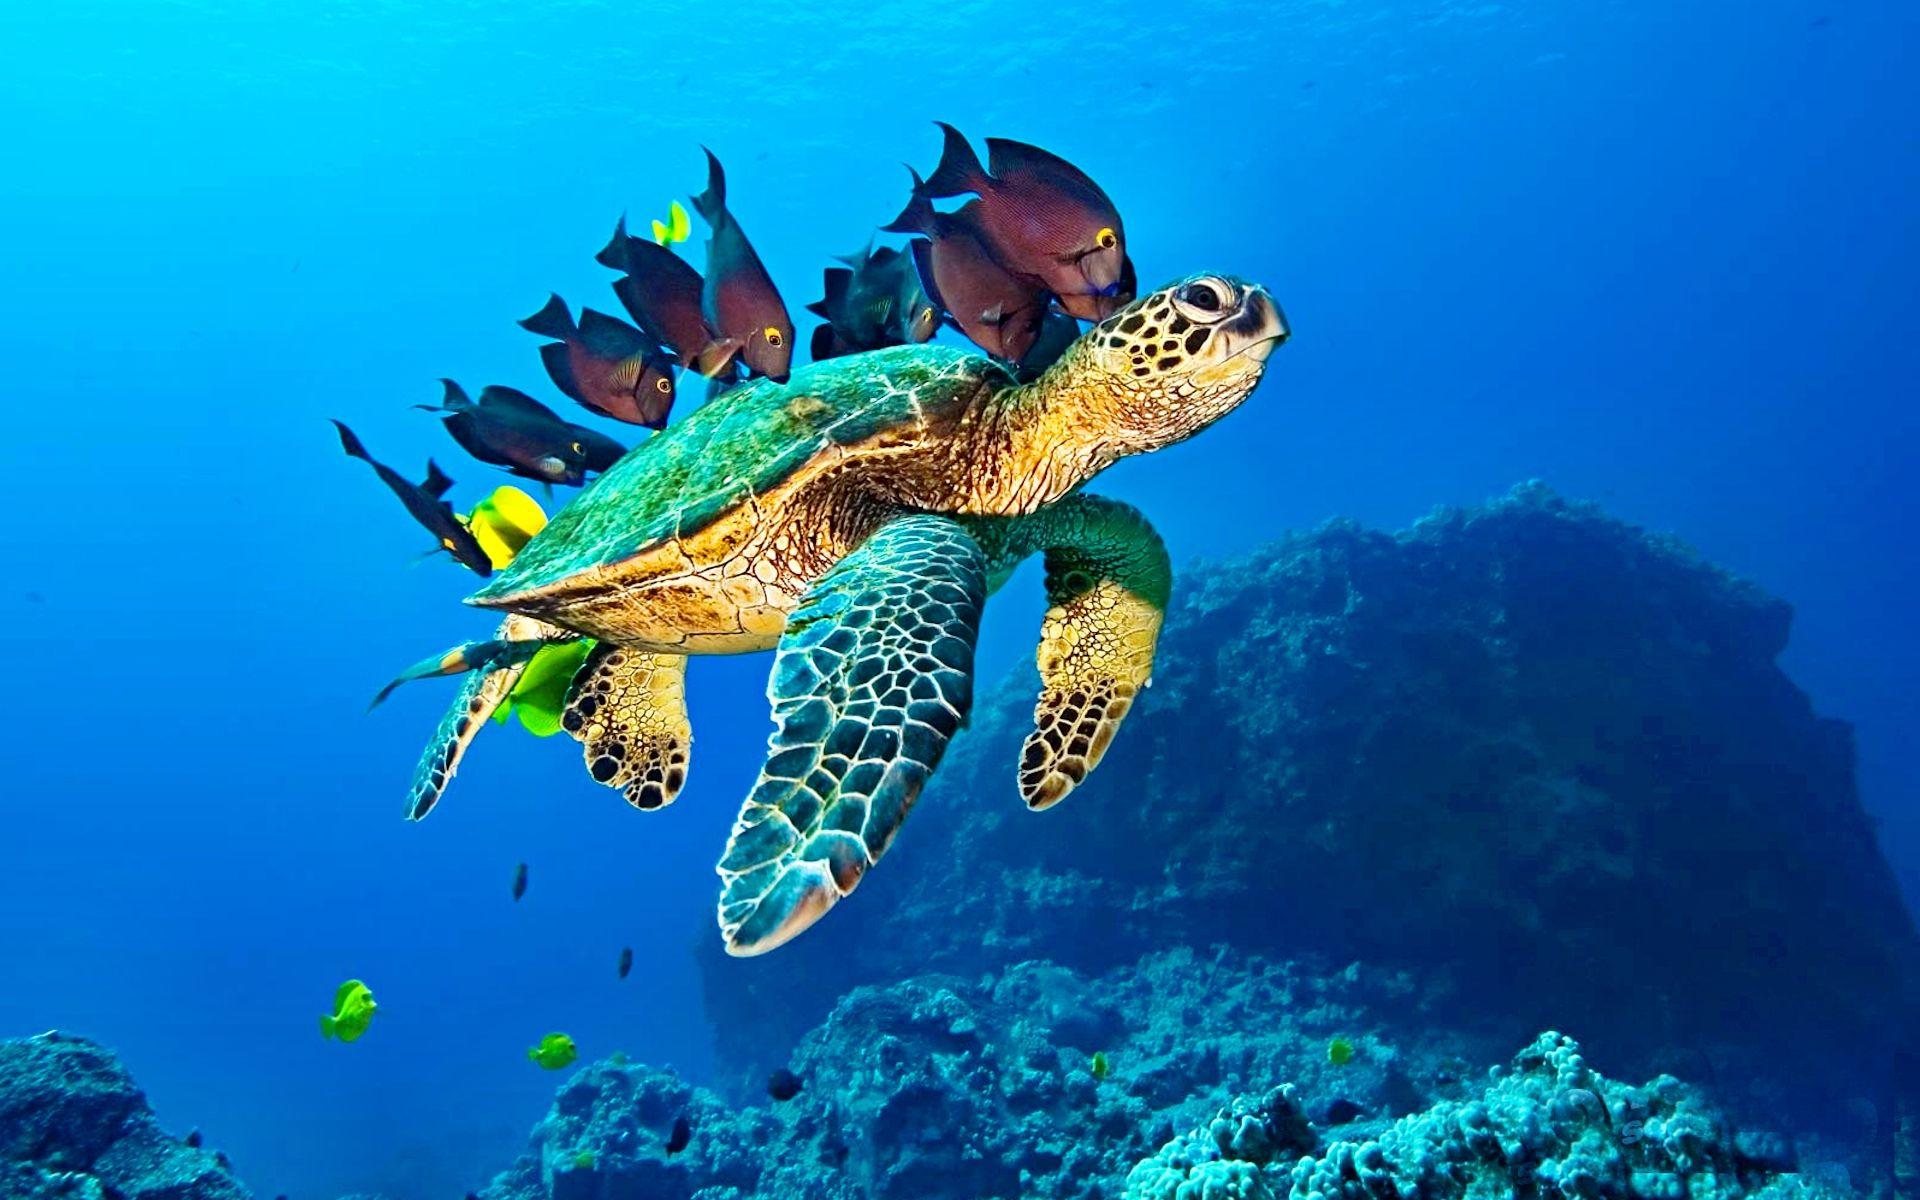 Ảnh rùa và cá dưới đại dương